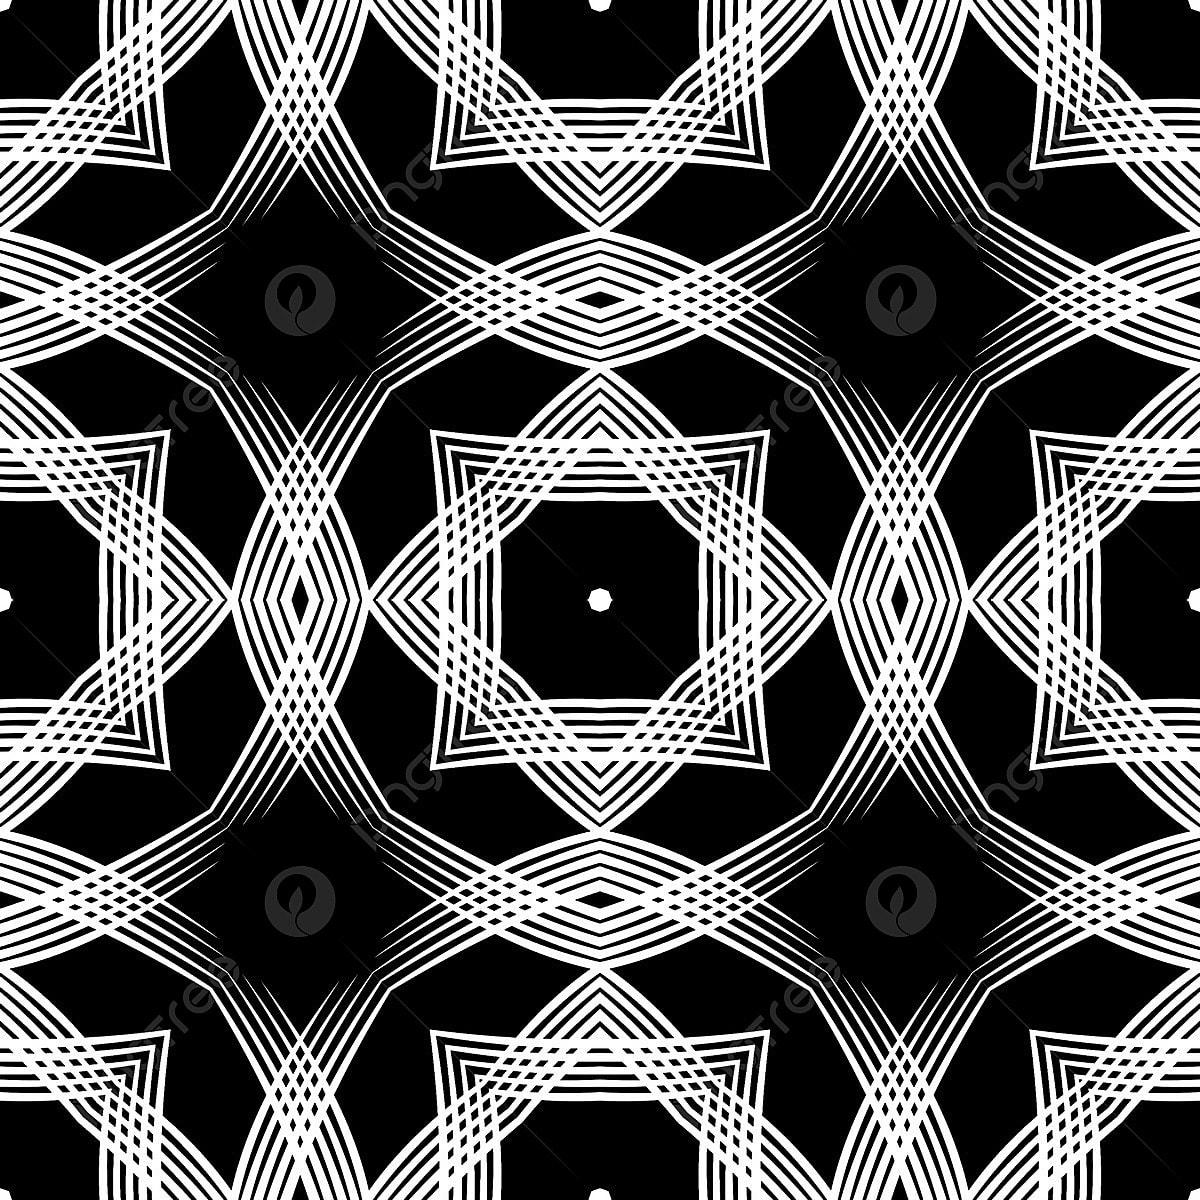 Illusion En Noir Et Blanc De Larchitecture Symétrie Vecteur